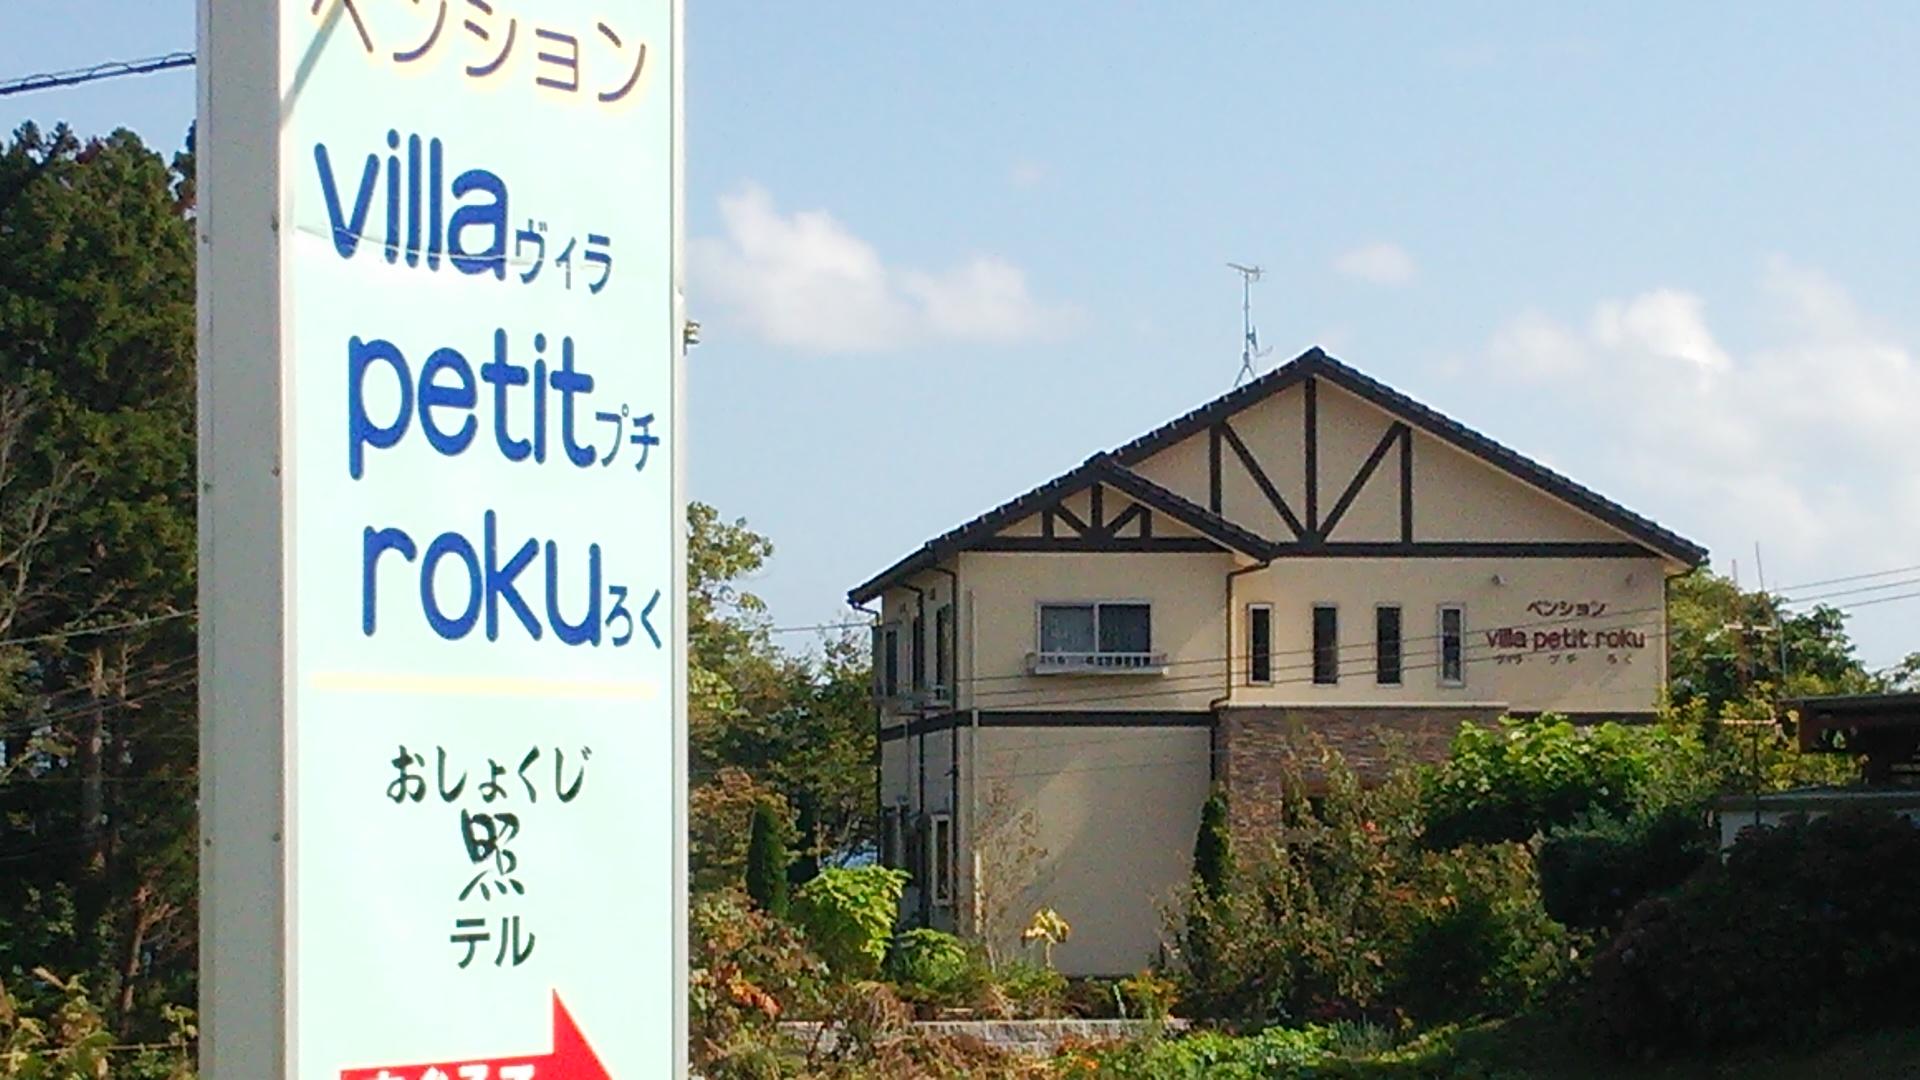 ペンションvilla petit roku(ヴィラ・プチろく)